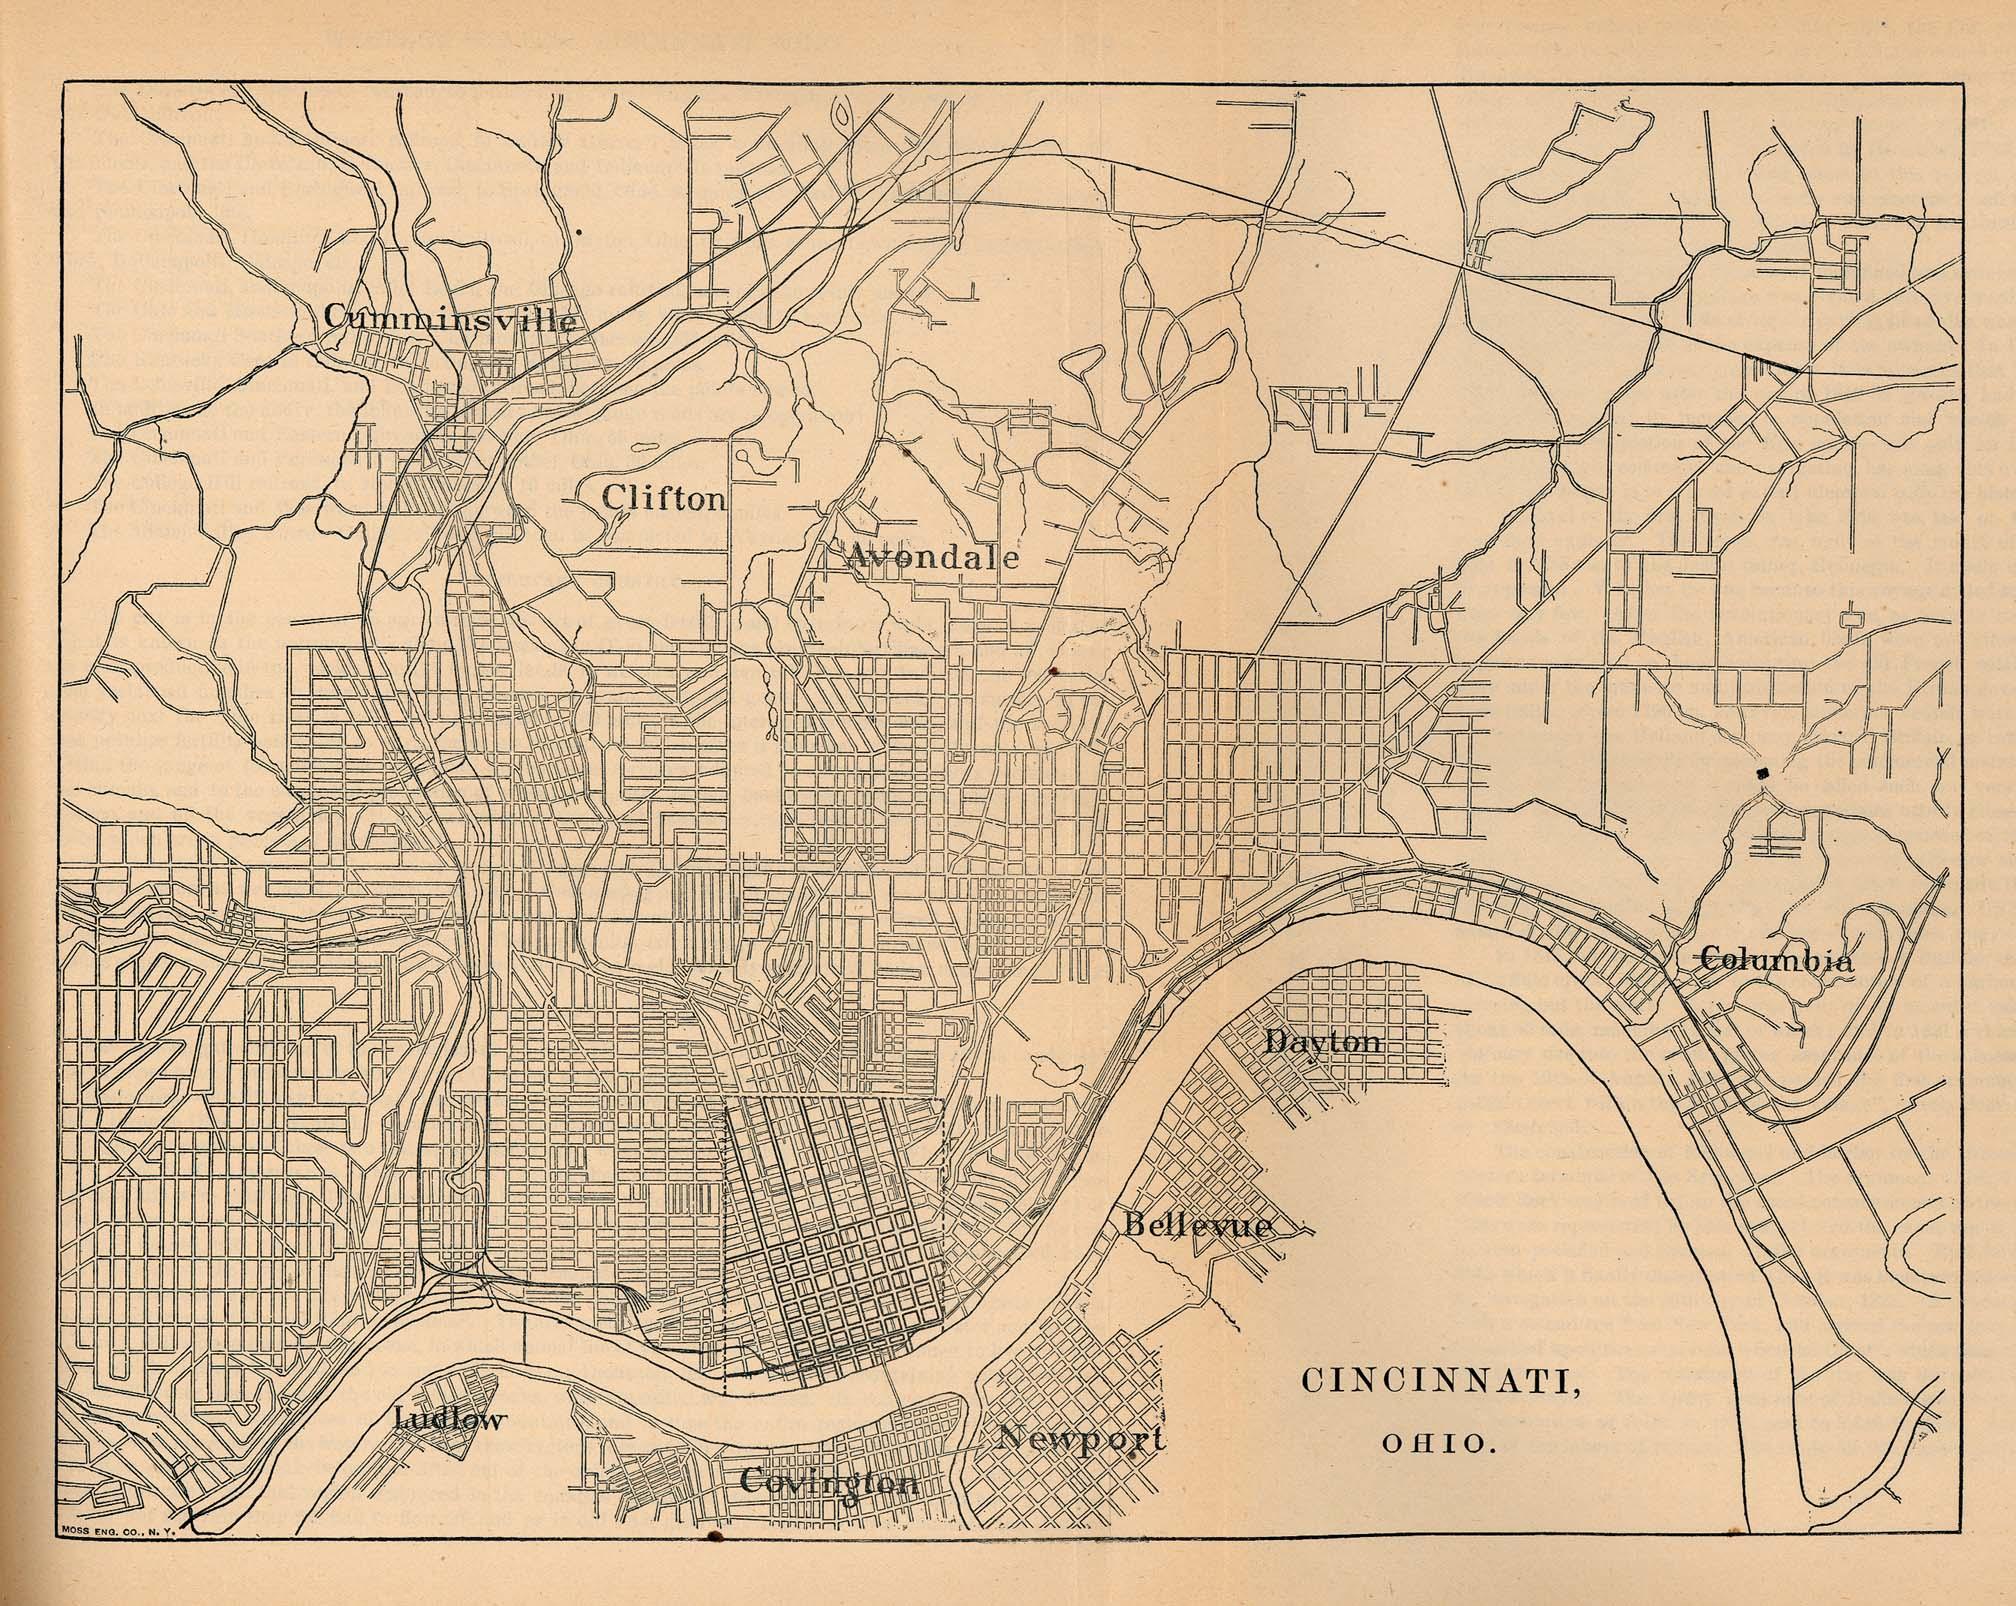 Mapa De La Ciudad De Cincinnati Ohio Estados Unidos 1880 Mapa